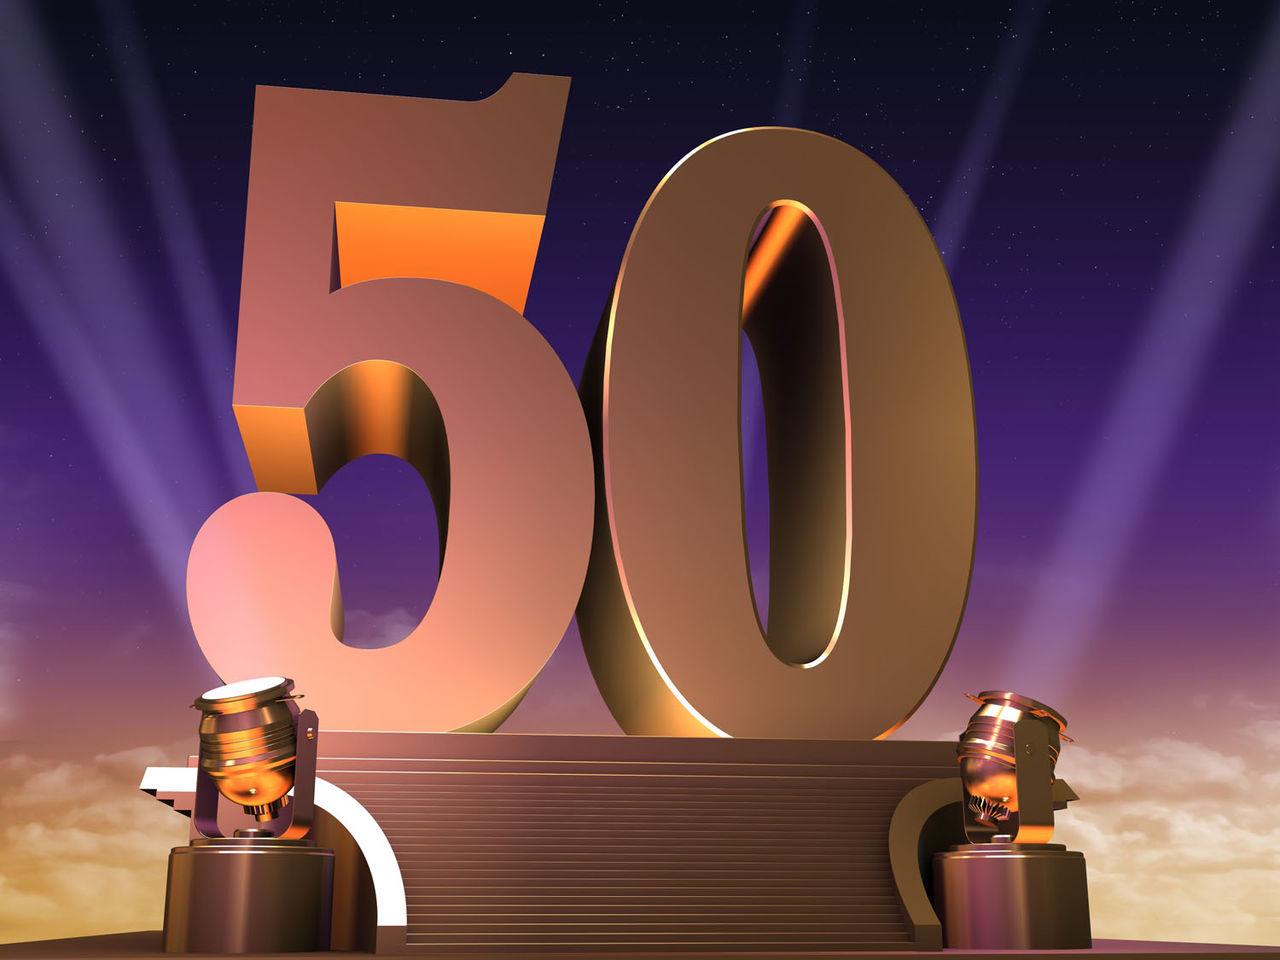 Поздравление с юбилеем 55 лет 60